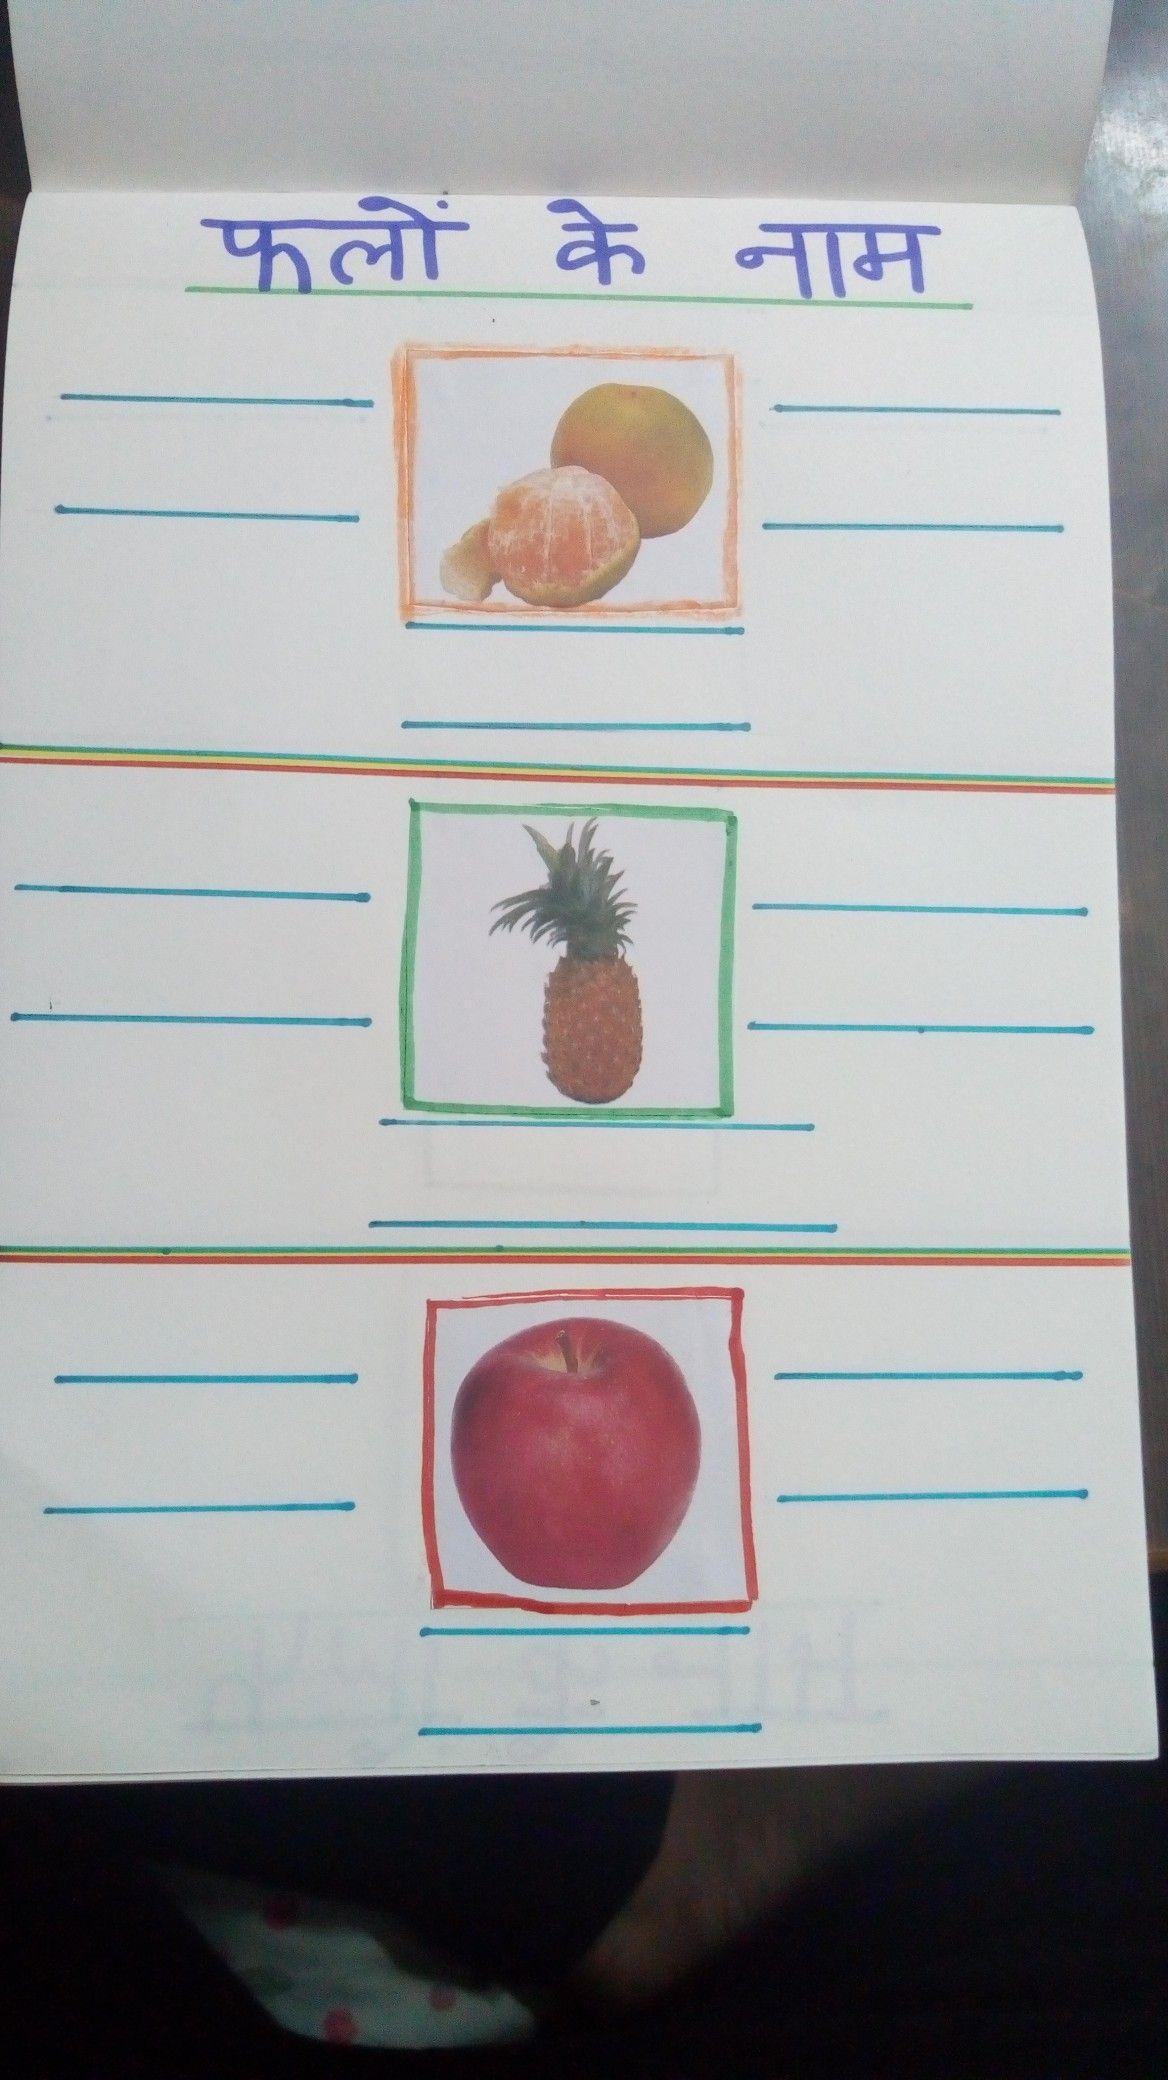 Pin By Jaya Dua Bajaj On Hindi Hindi Worksheets Hindi Worksheets [ 2080 x 1168 Pixel ]